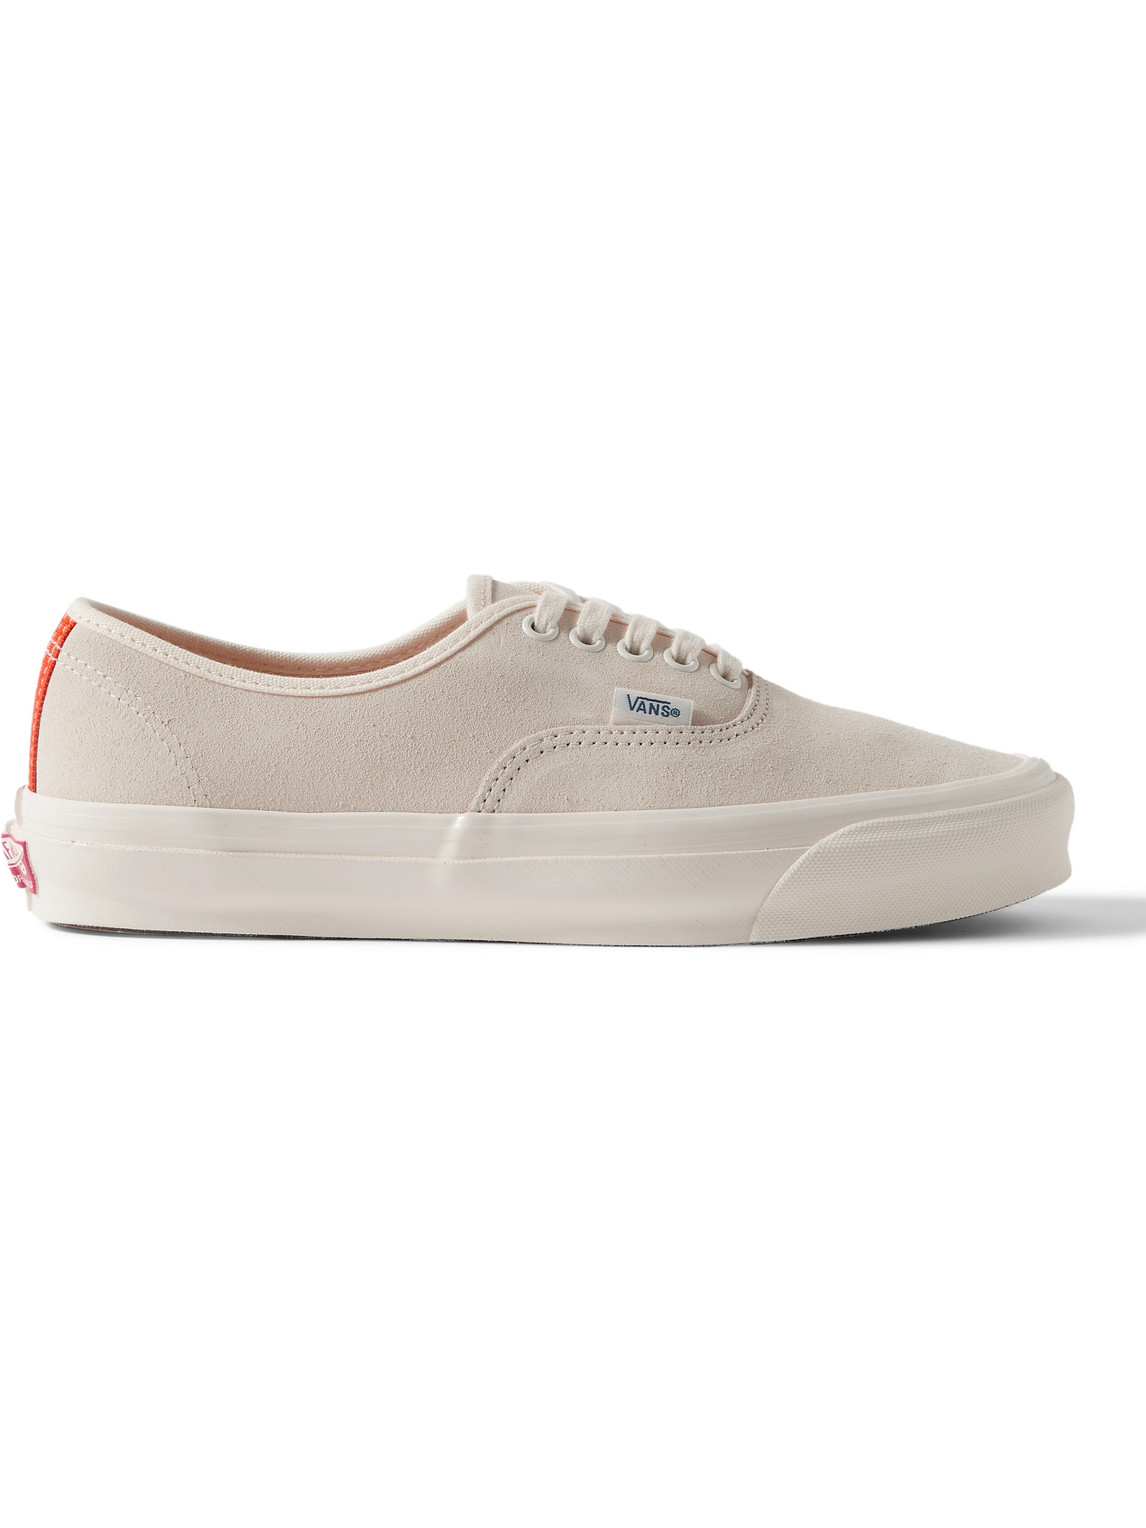 Vans Sneakers UA OG AUTHENTIC LX SUEDE SNEAKERS